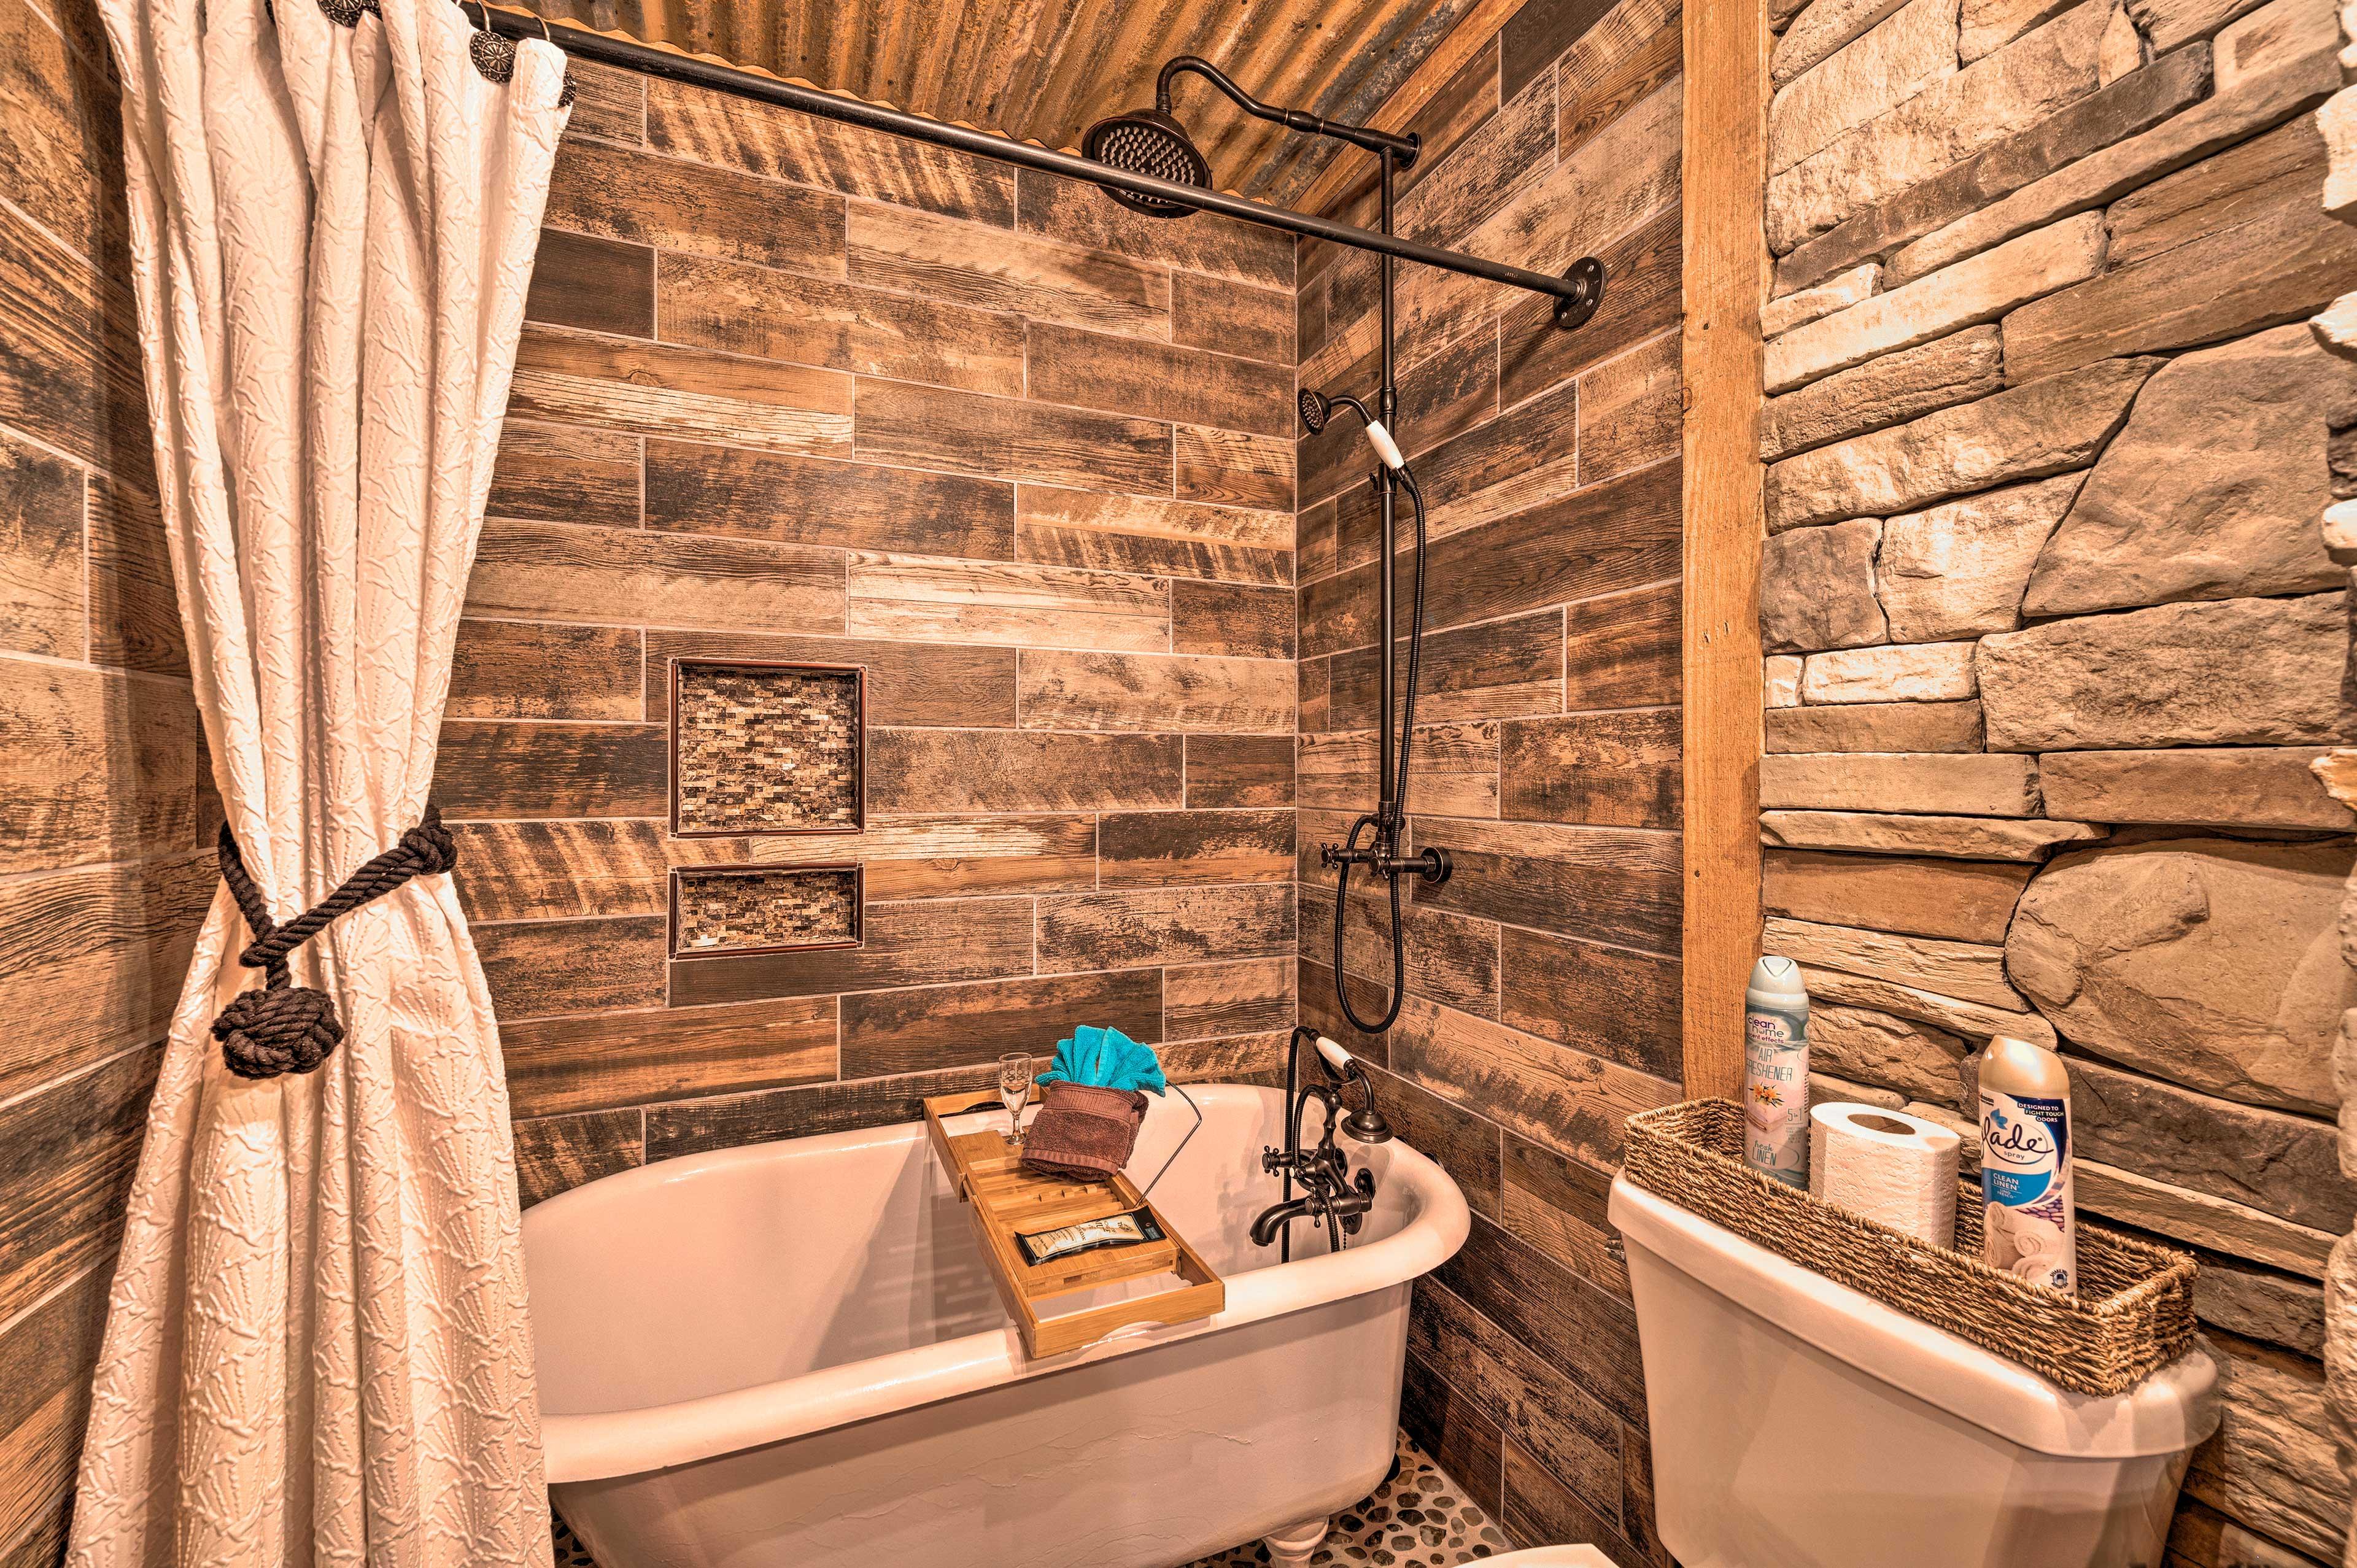 Enjoy a relaxing soak in the claw-foot bathtub.